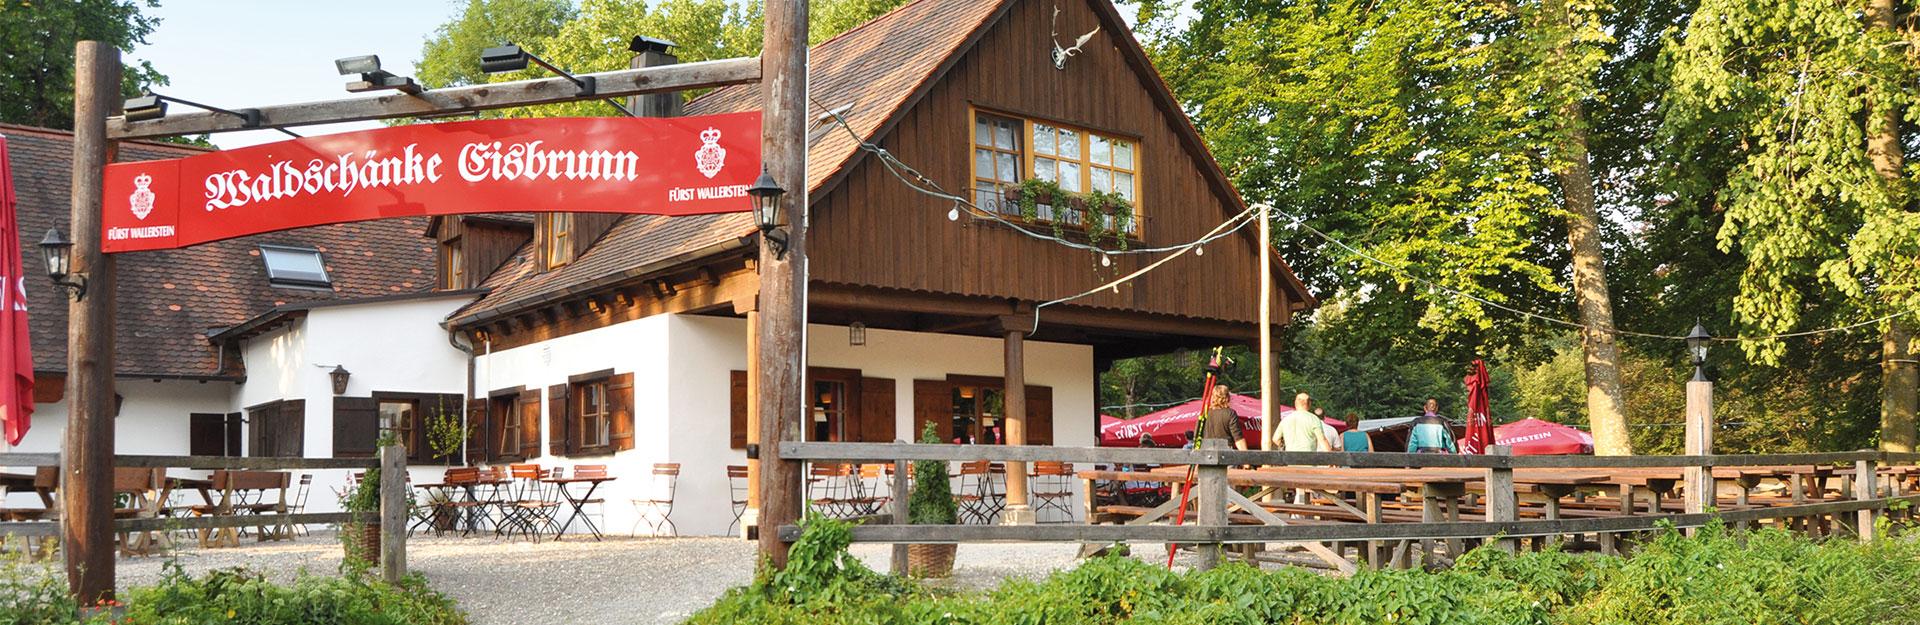 Waldschänke Eisbrunn: Home